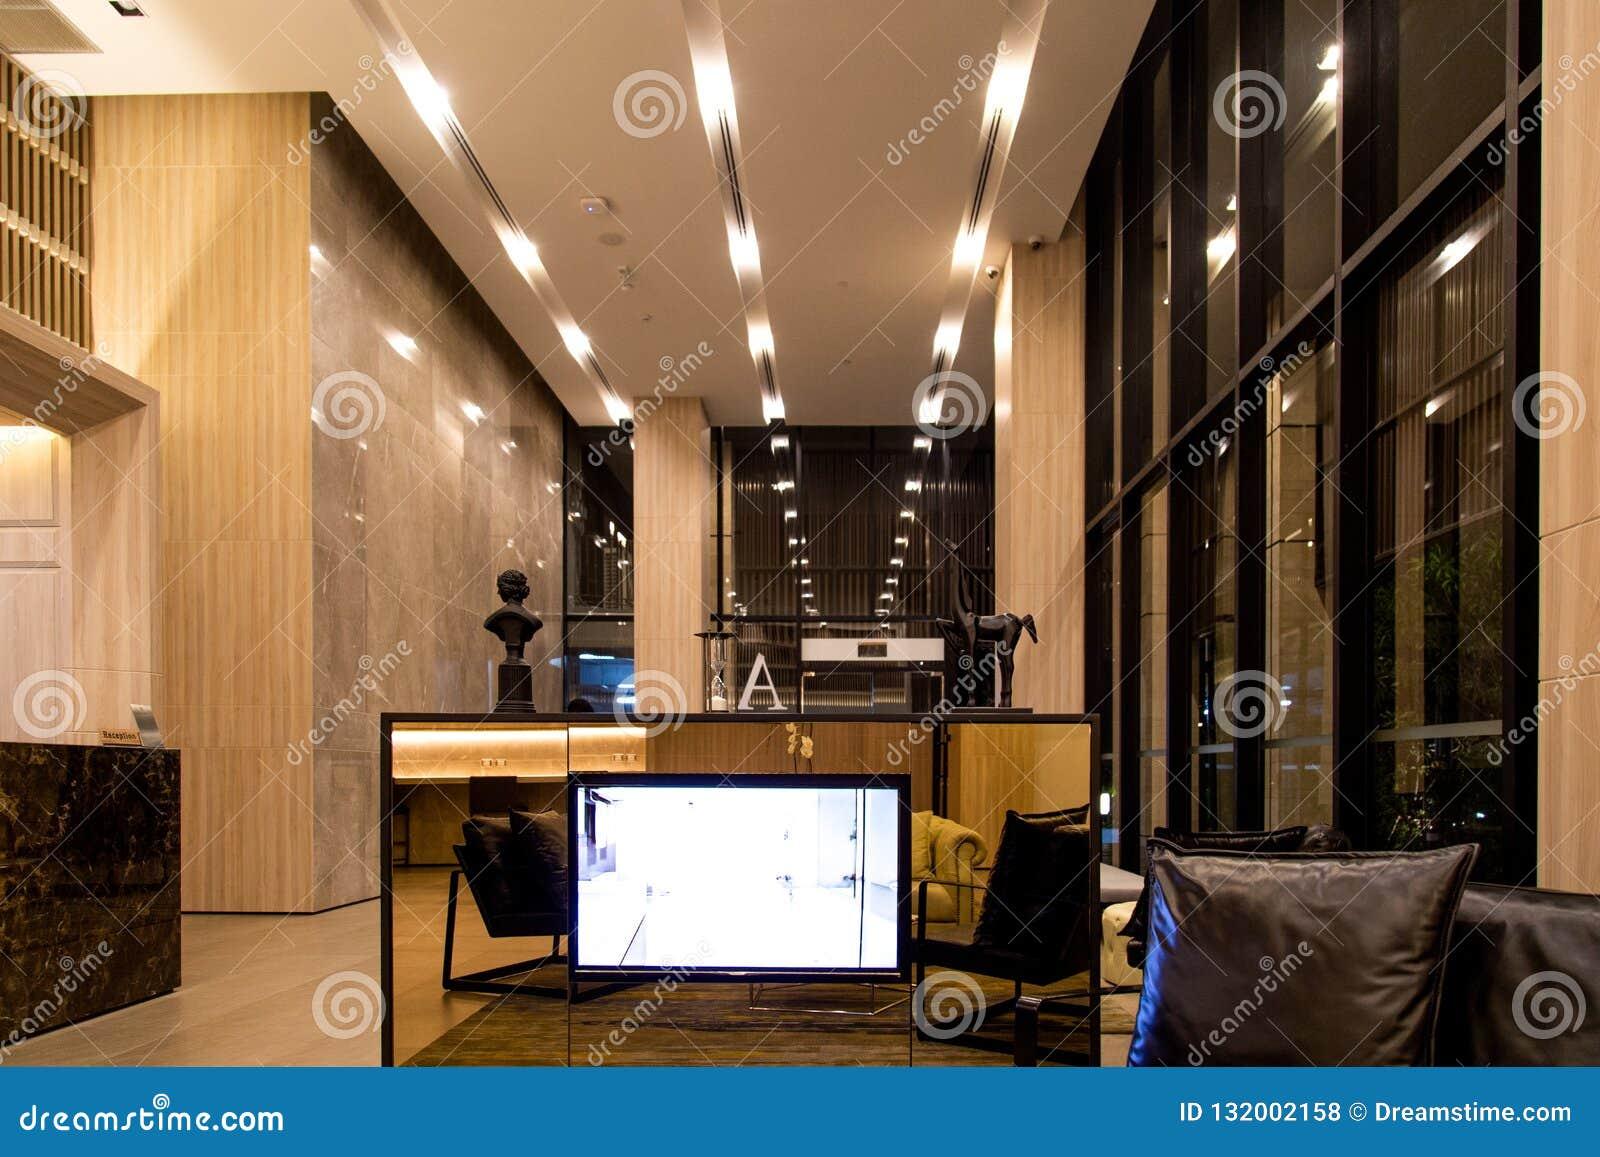 Hotel Lobby Interior Contemporary Shiny Hall In Modern